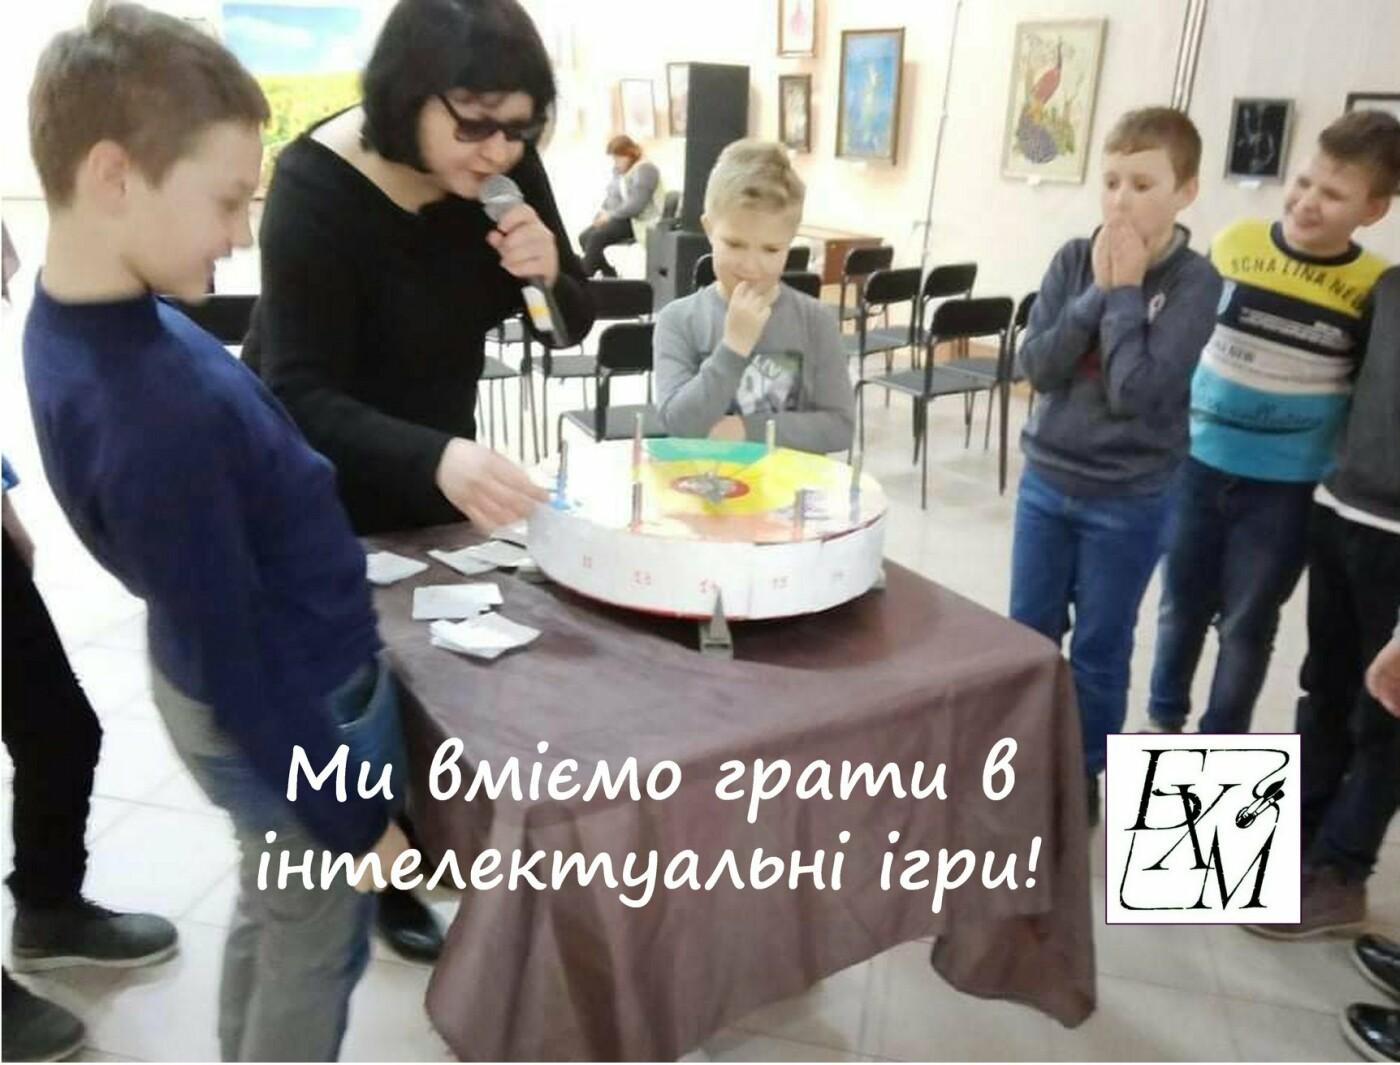 Бердянський художній музей ім. І. Бродського святкує Міжнародний день музеїв, фото-12